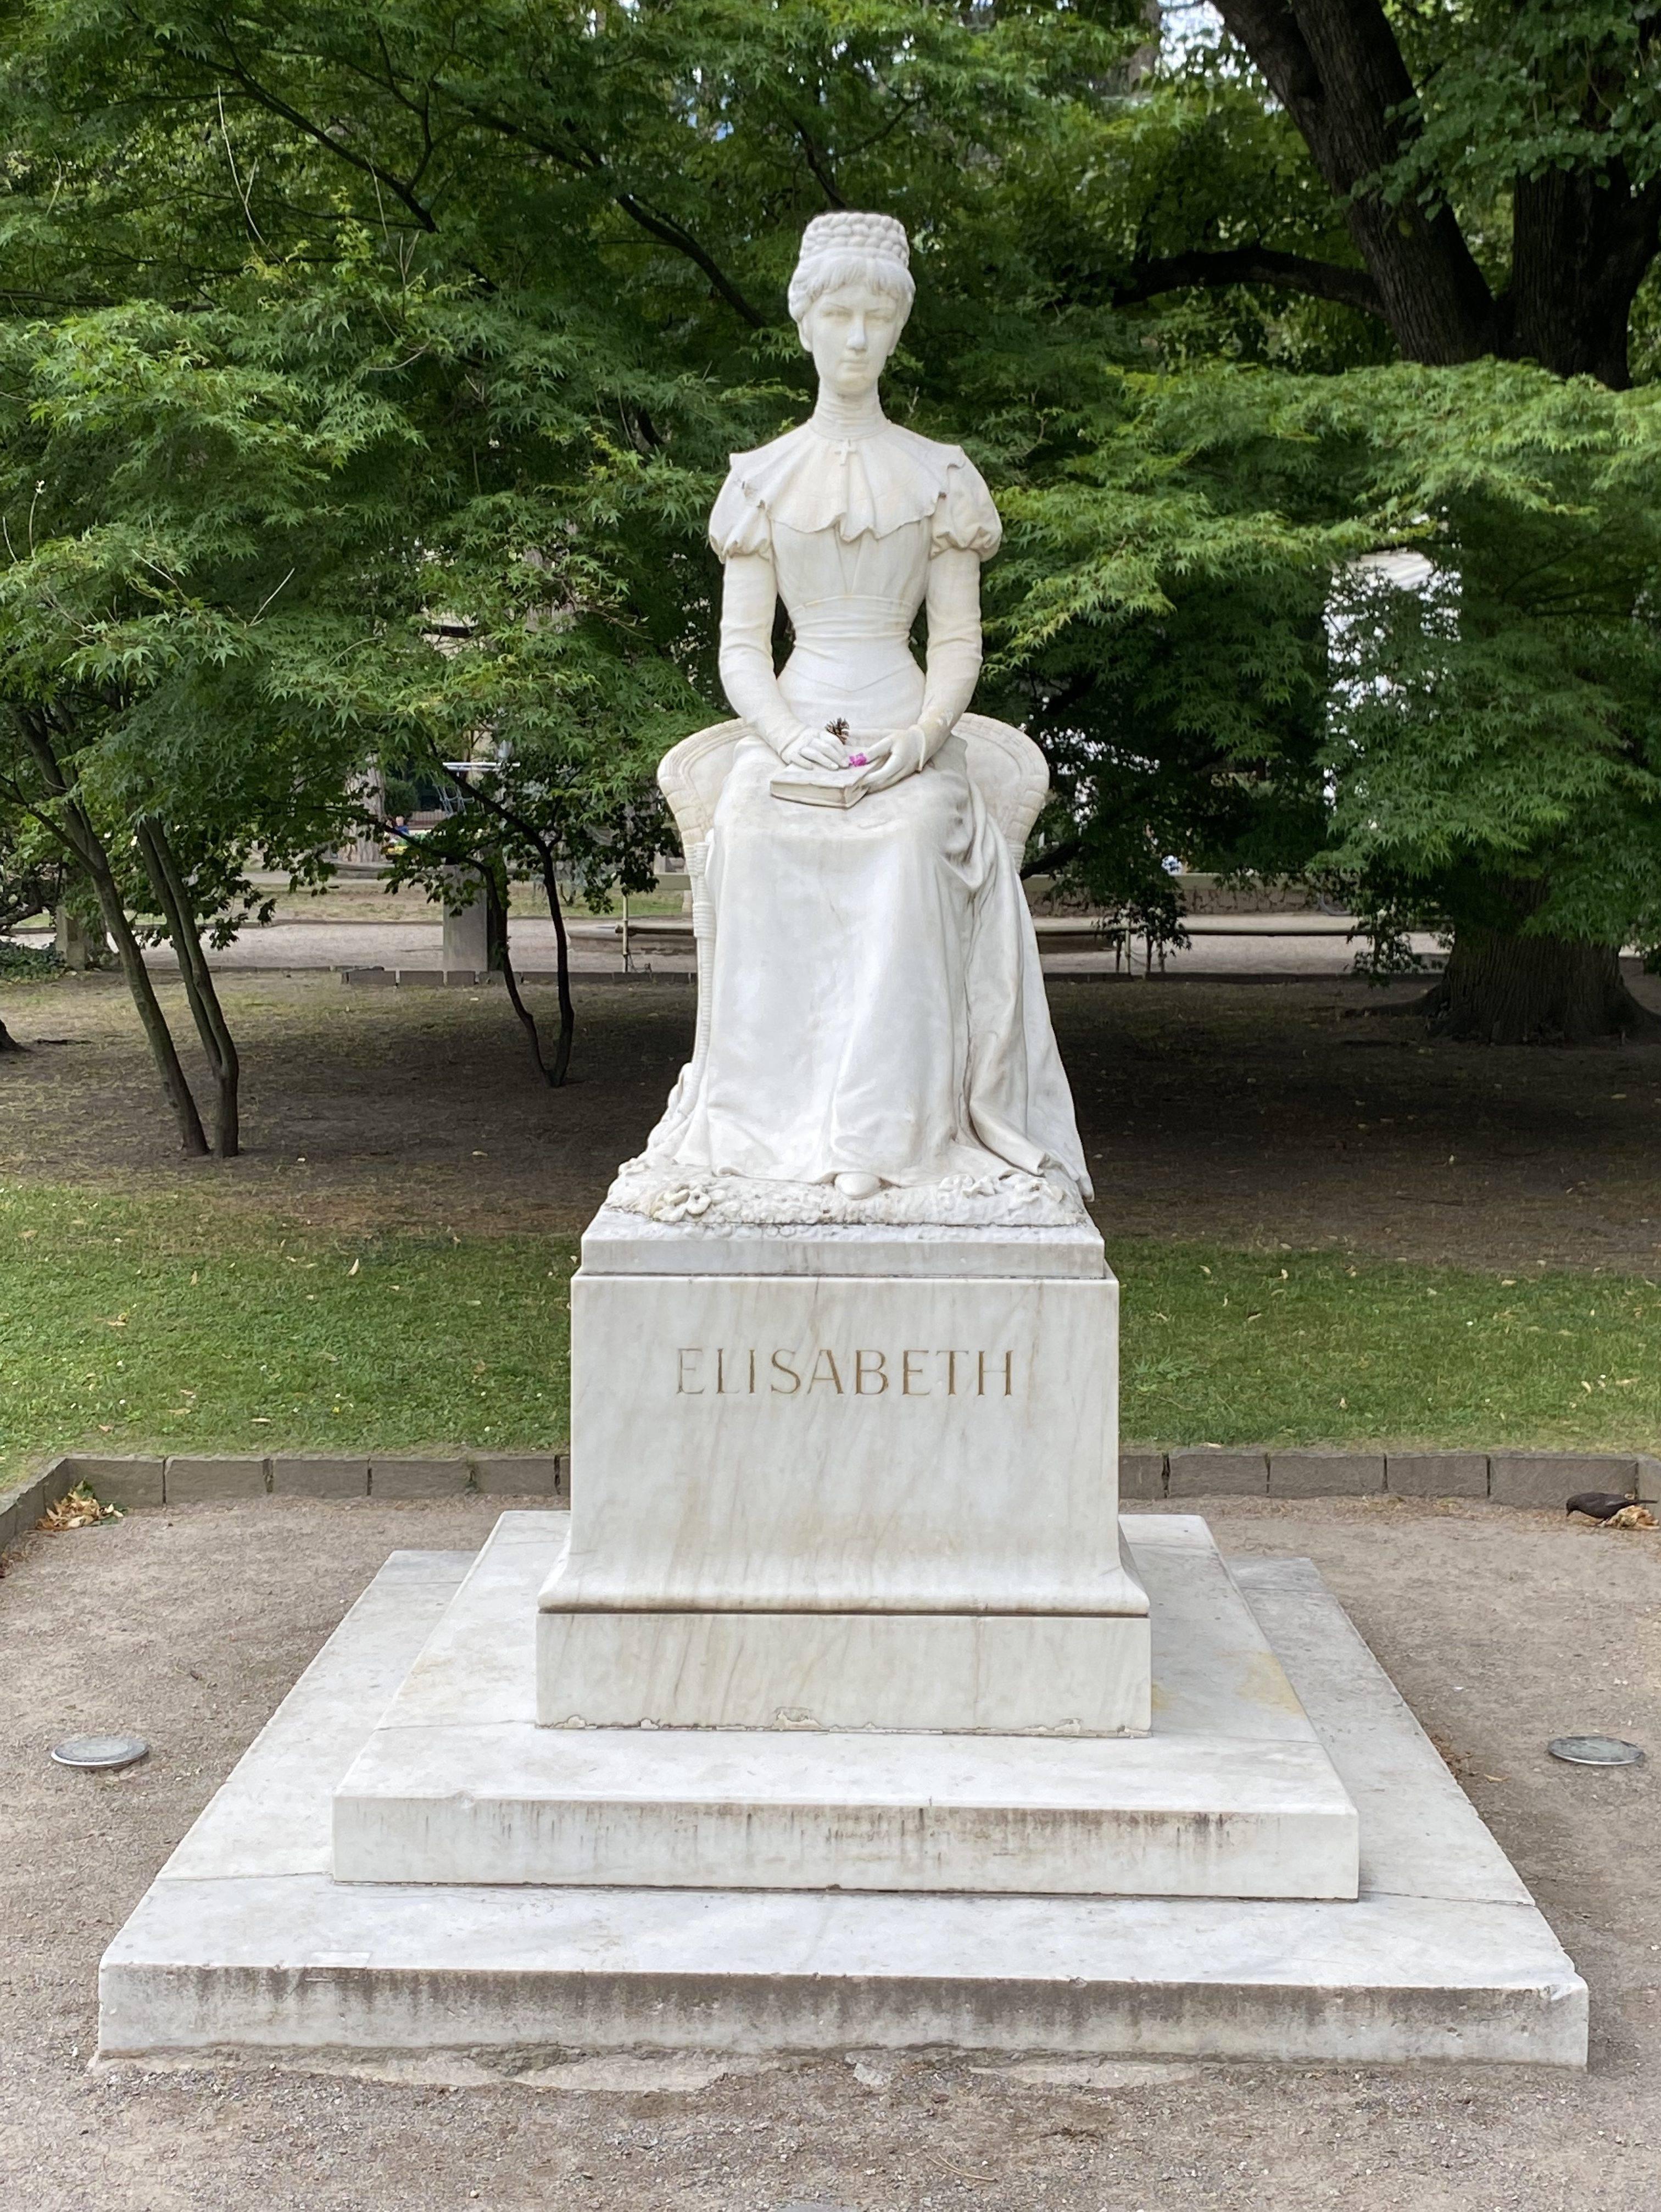 Meran Sissi Denkmal edited scaled - Historischer Villenflair in Südtirol